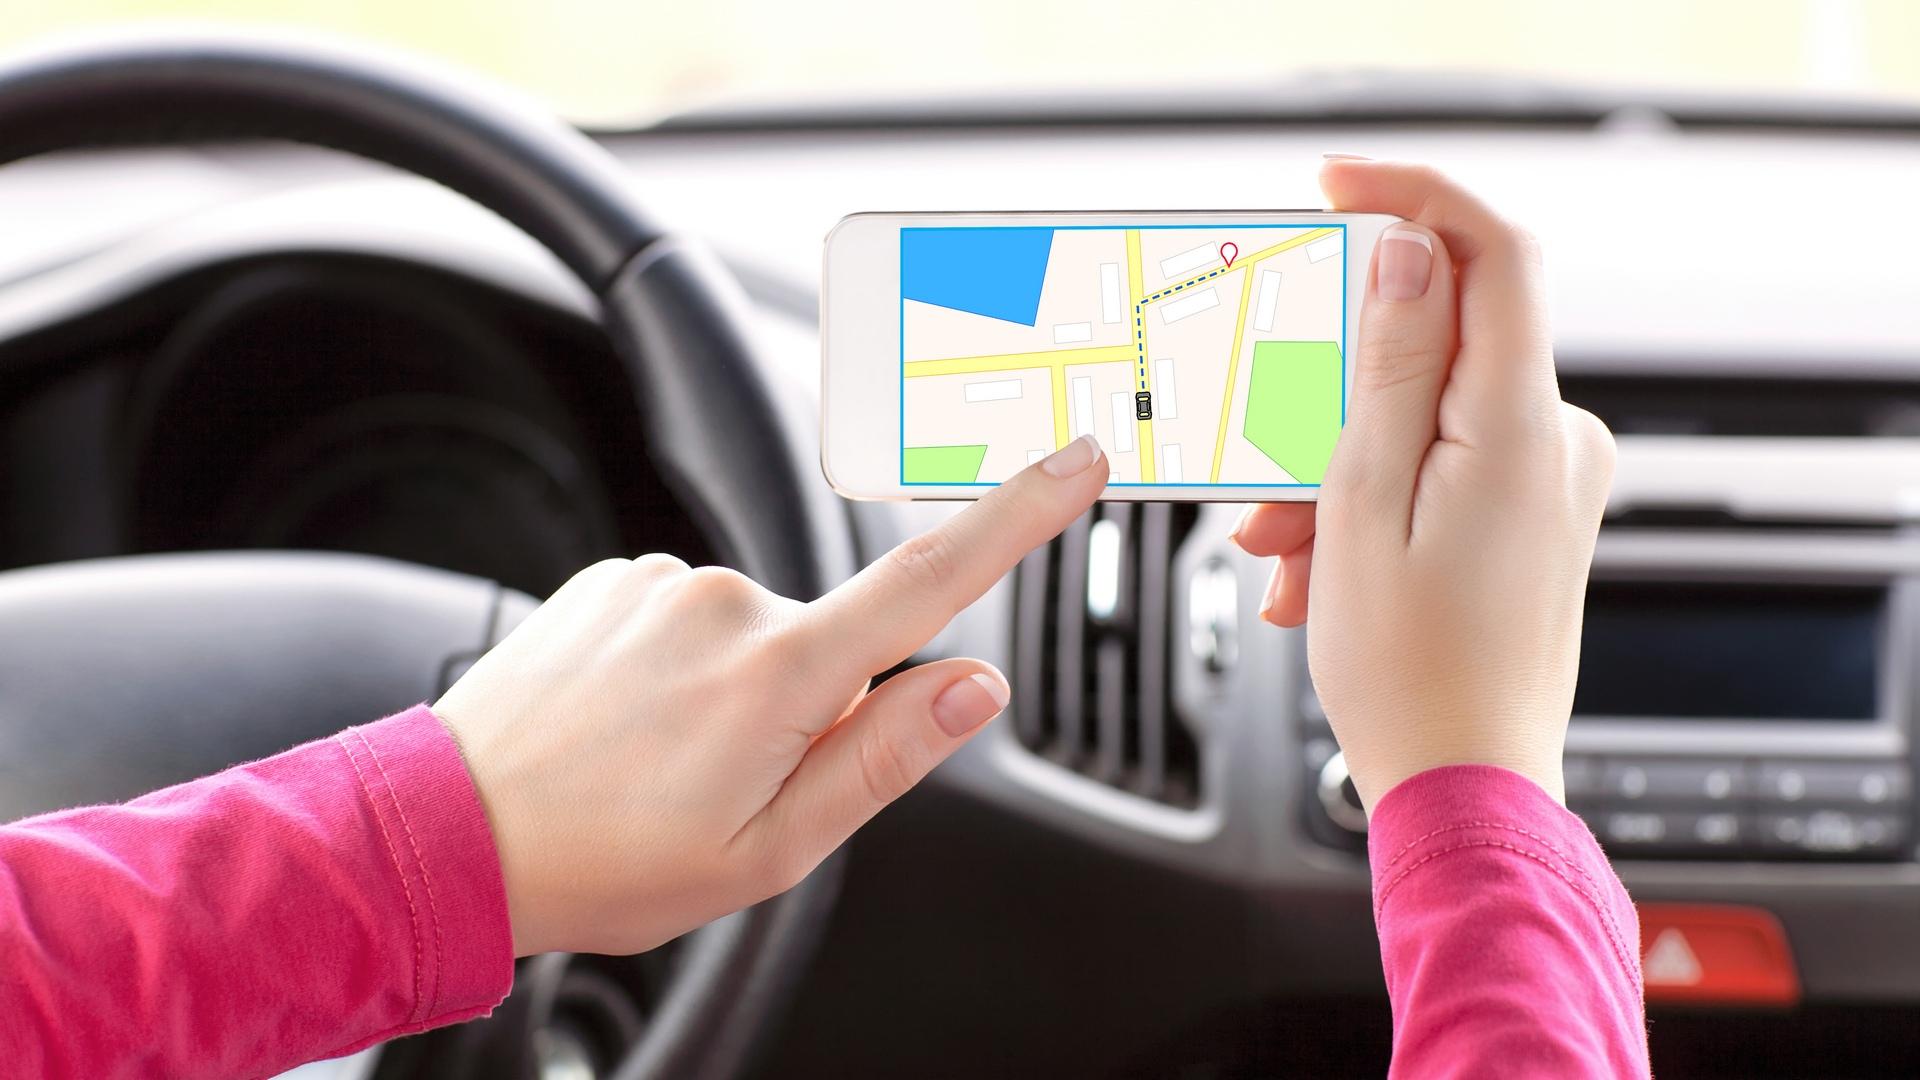 Google Maps Czy Automapa Podpowiadamy Co Wybrac Autofakty Pl